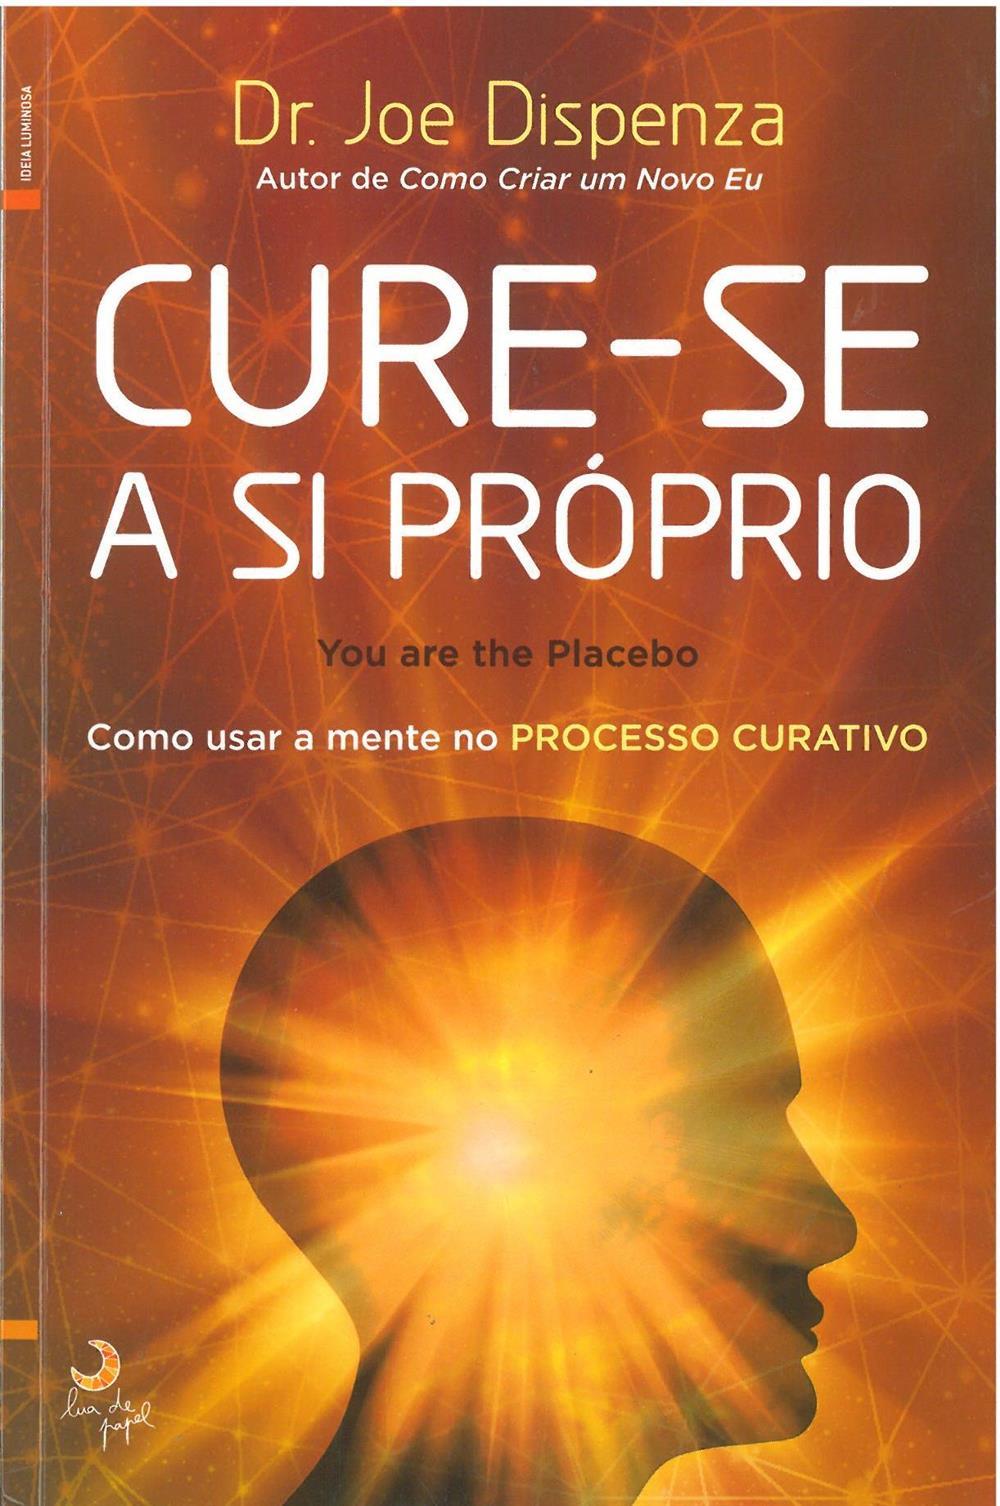 Cure-se a si próprio_.jpg